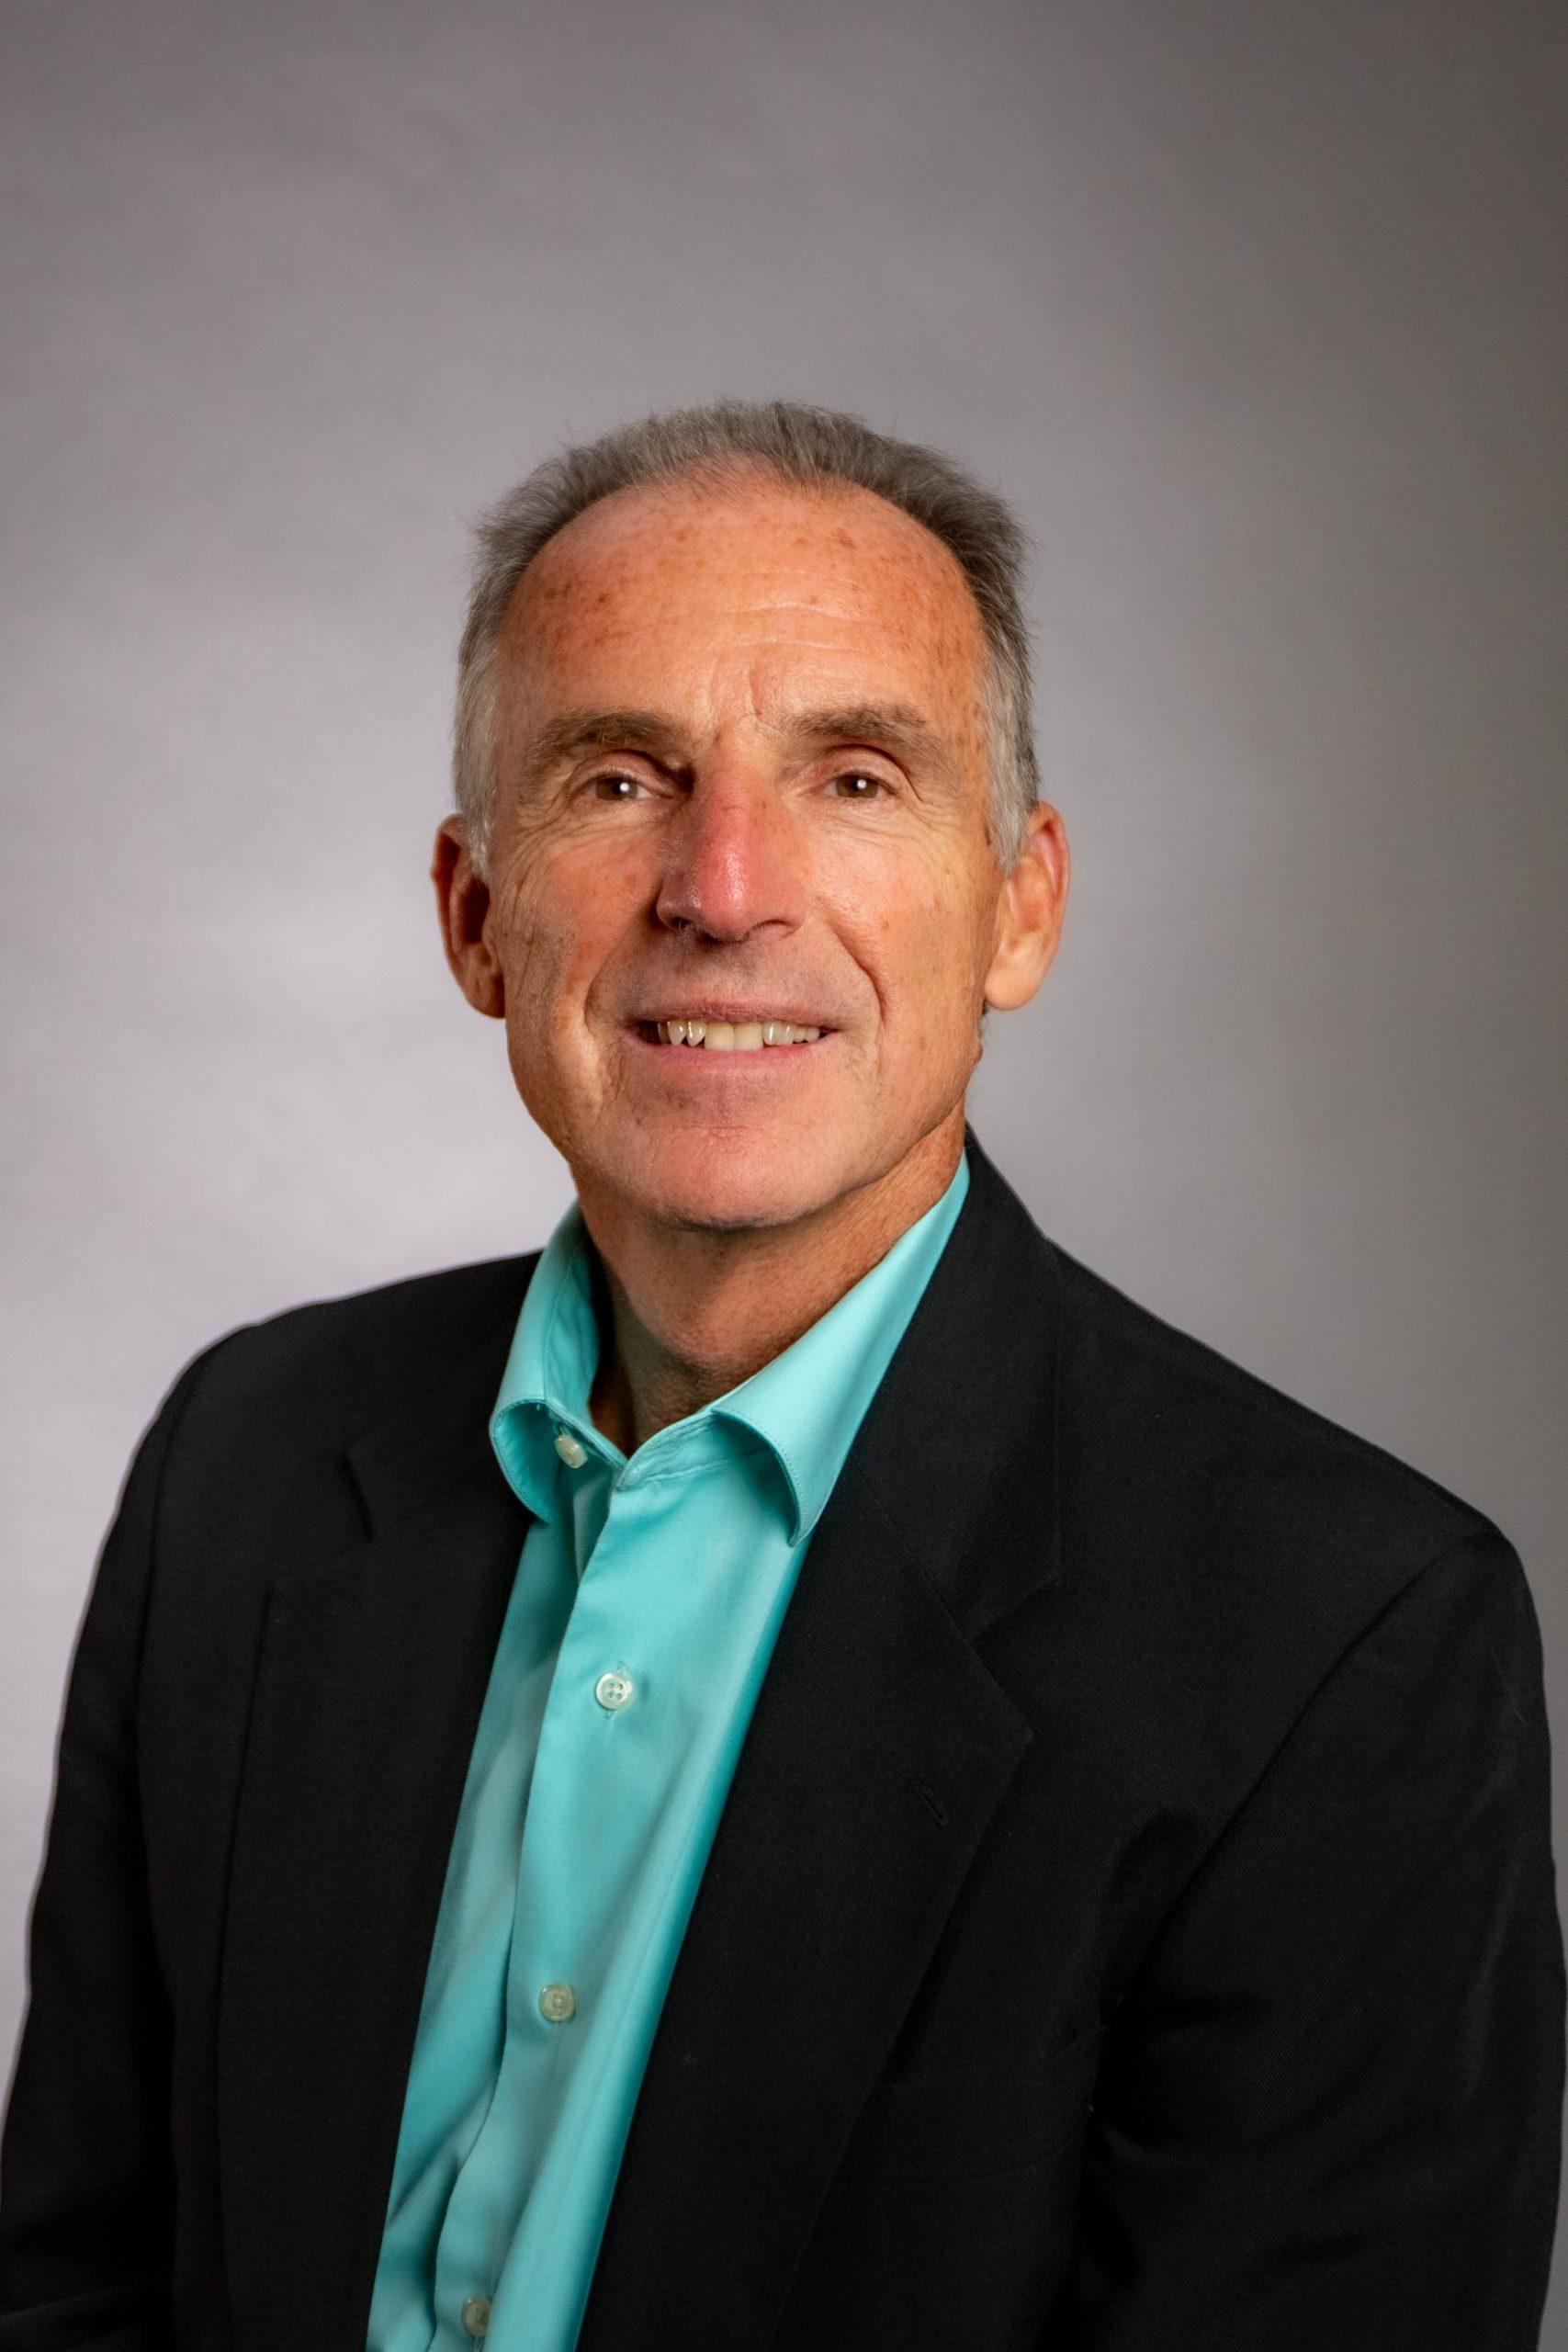 Steve Kovar